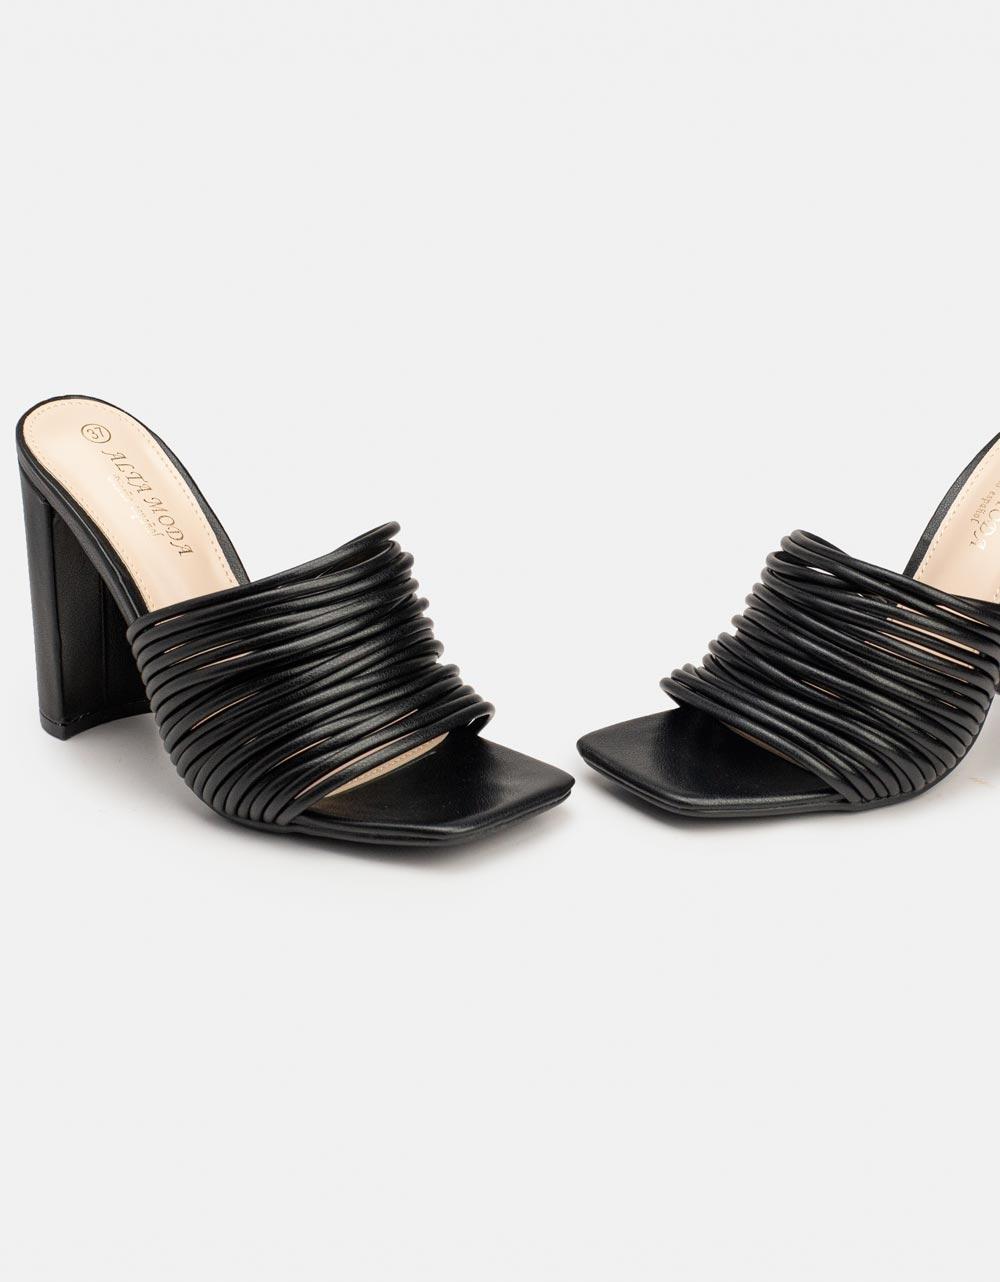 Εικόνα από Γυναικεία mules φασά από λουράκια Μαύρο